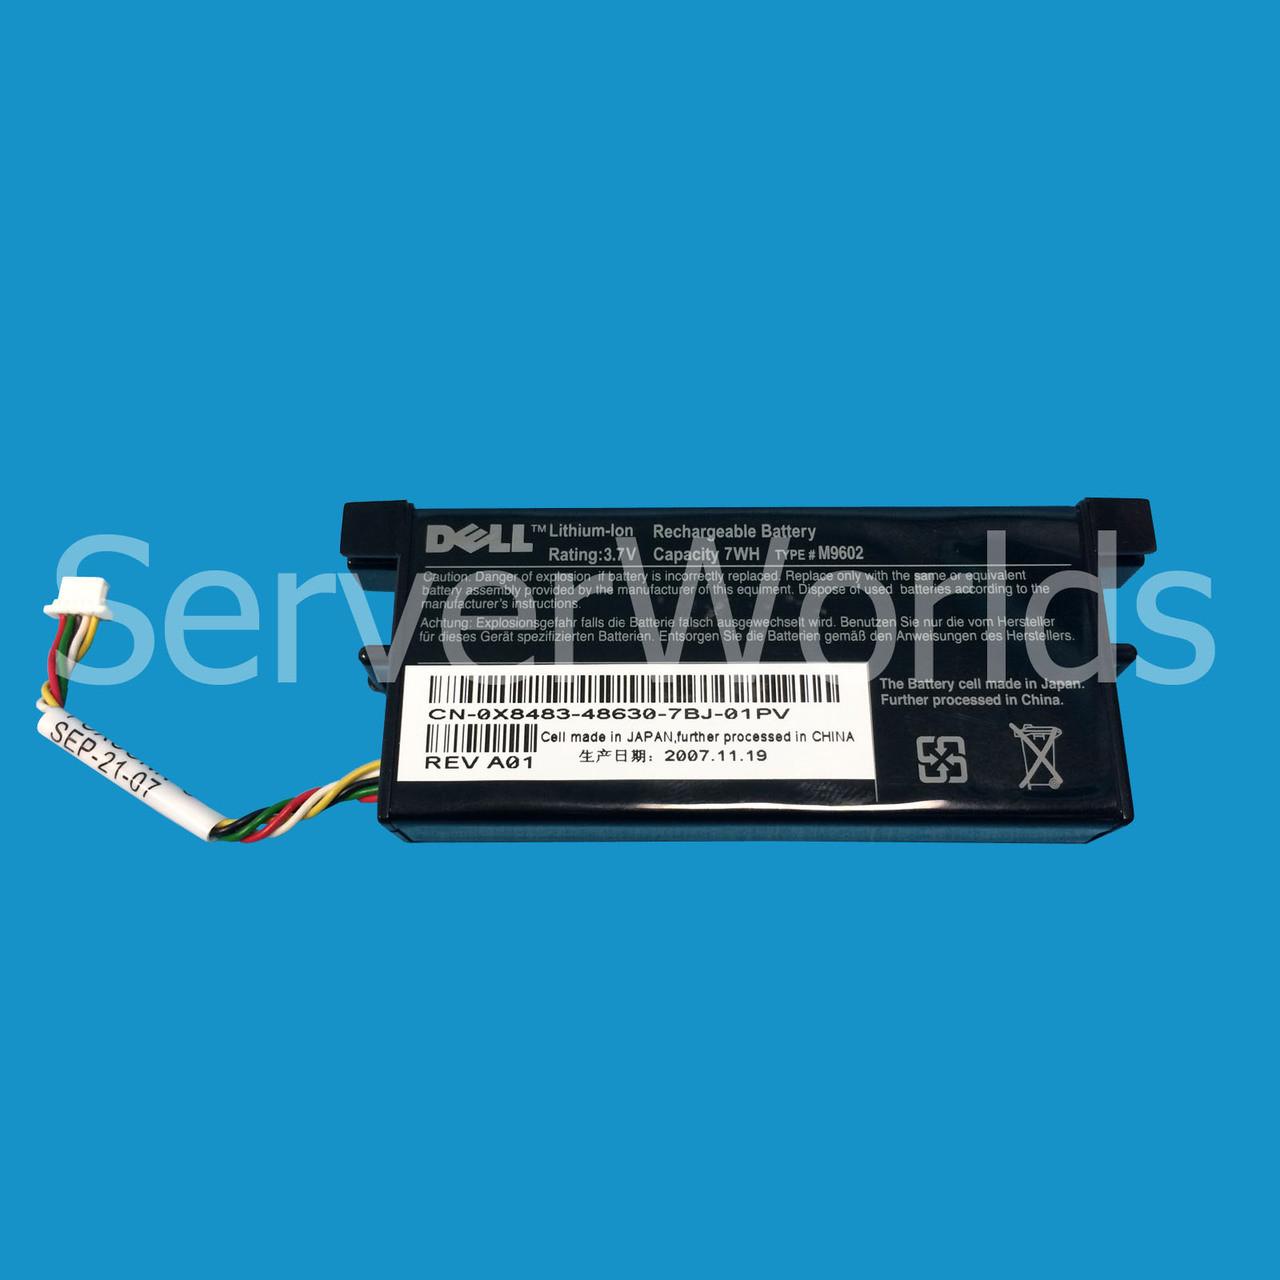 Dell X8483   Perc 5e 6e Raid Controller Battery   M9602